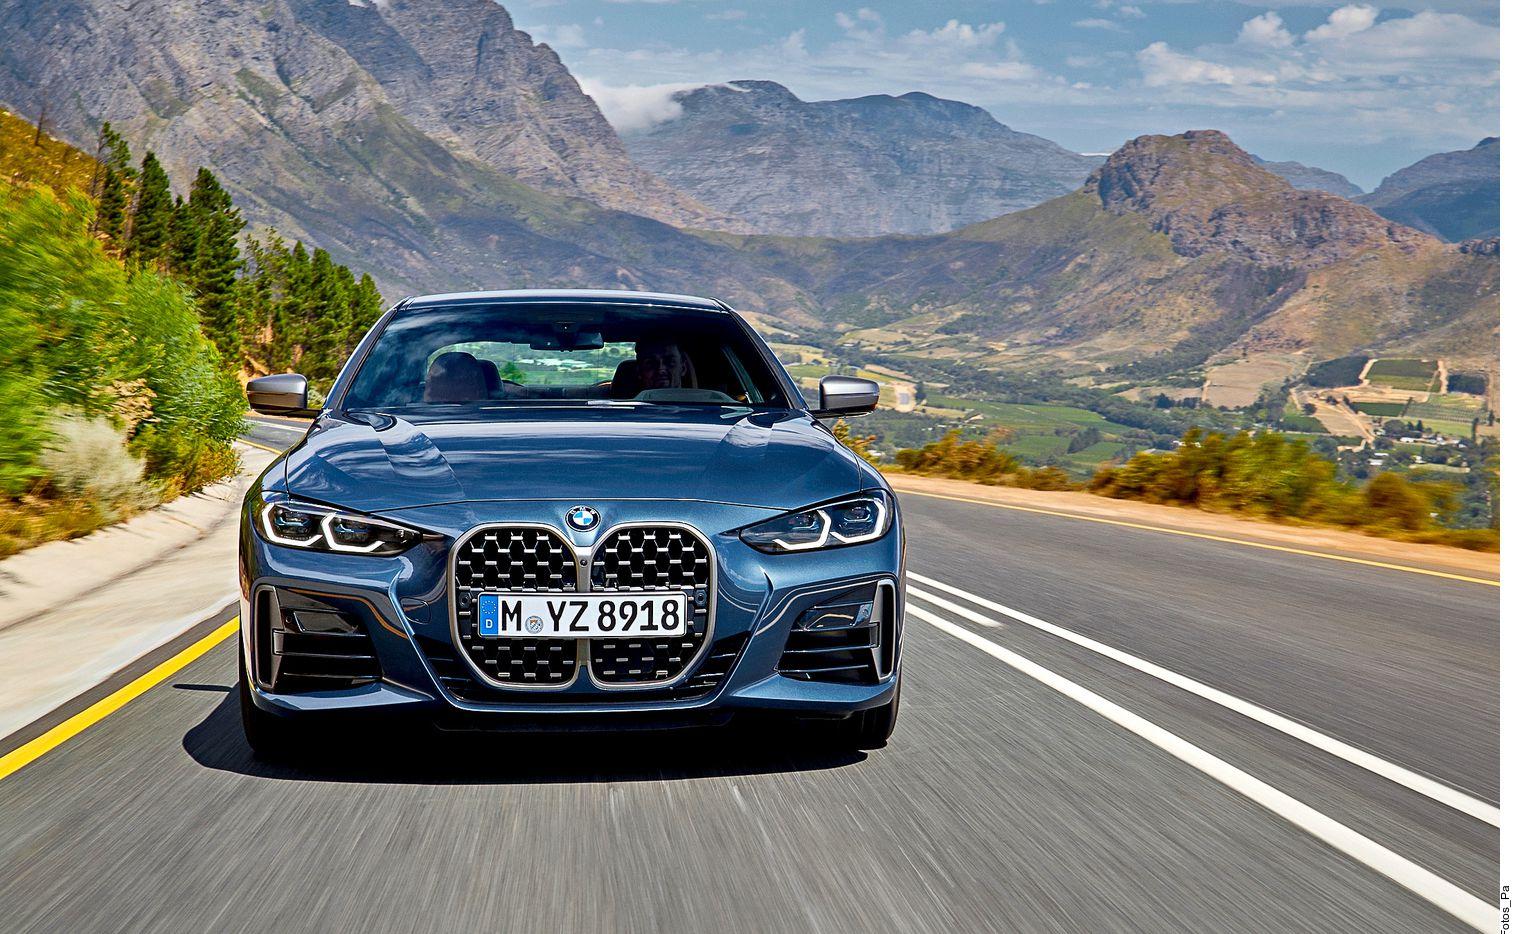 El nuevo diseño del BMW Serie 4 busca diferenciarse del sedán Serie 3, de hecho, es 6 centímetros más bajo que éste, al tiempo que se estrena una línea de hombros más pronunciada que se logró al ensanchar el eje trasero en 2.3 centímetros.